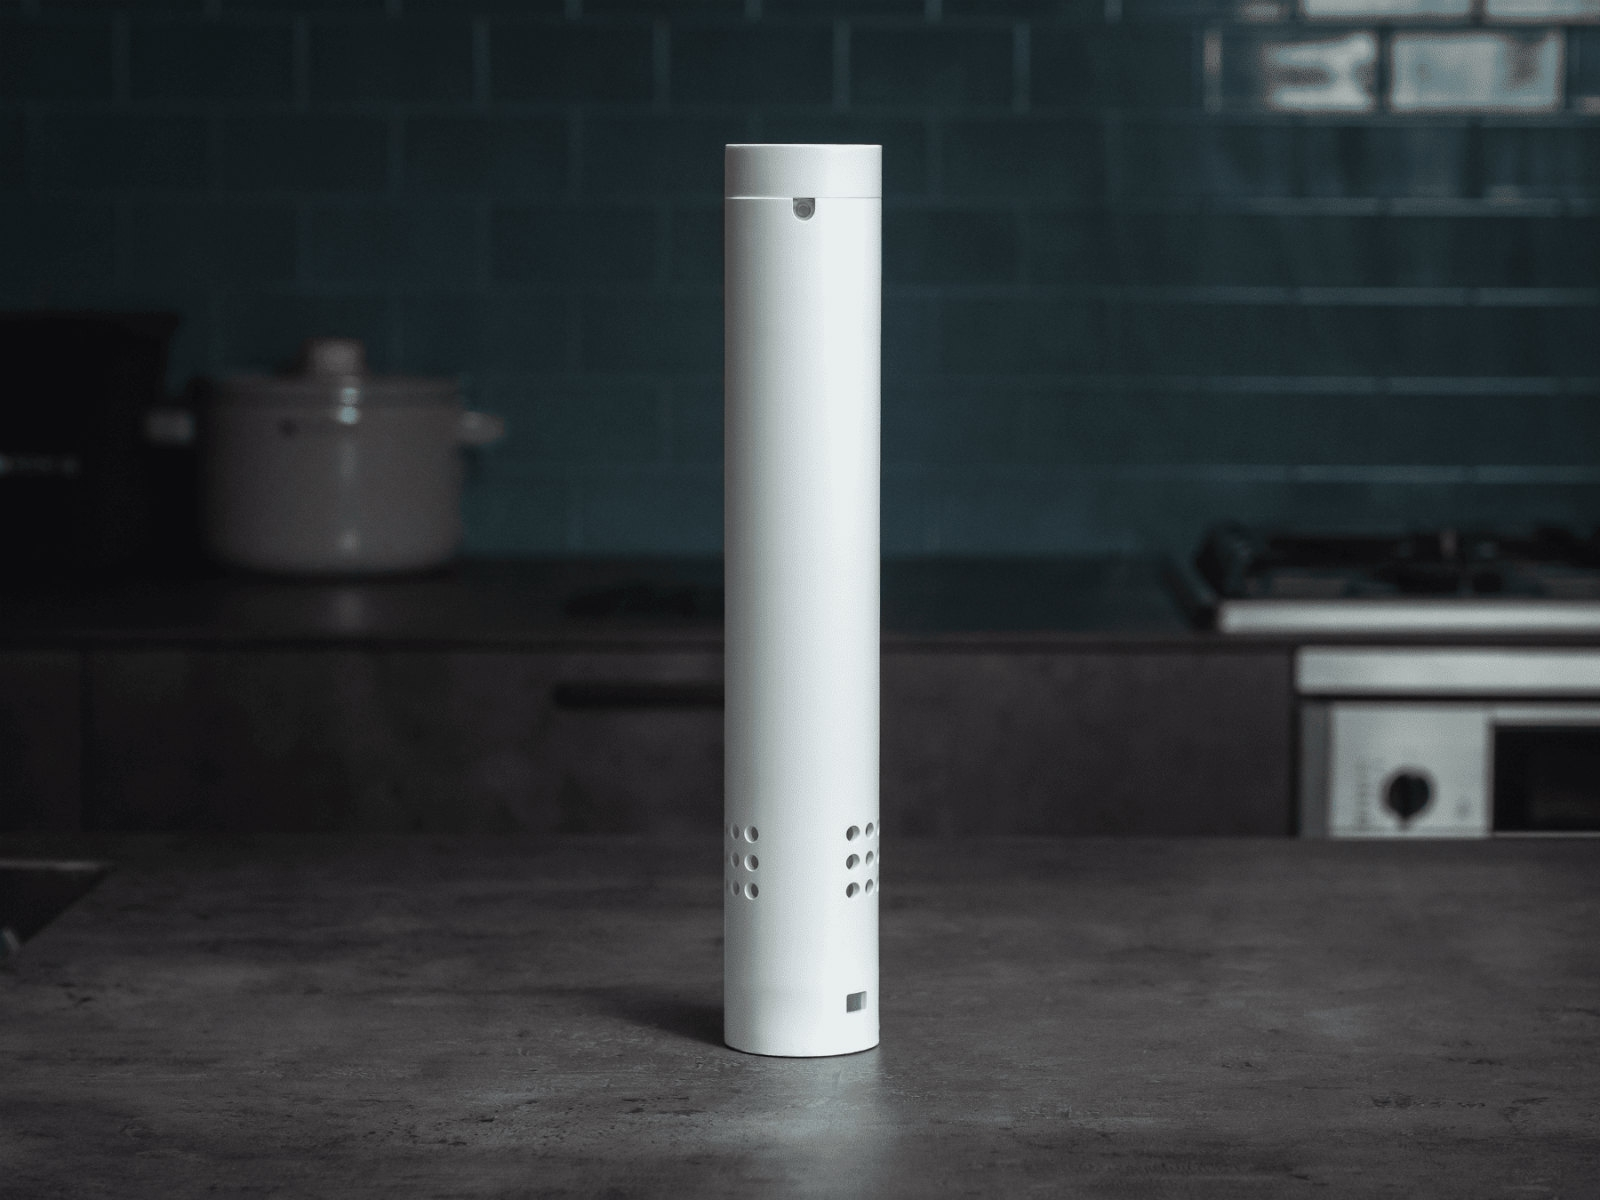 葉山社中が2021年2月に一般販売を開始する「BONIQ 2.0」